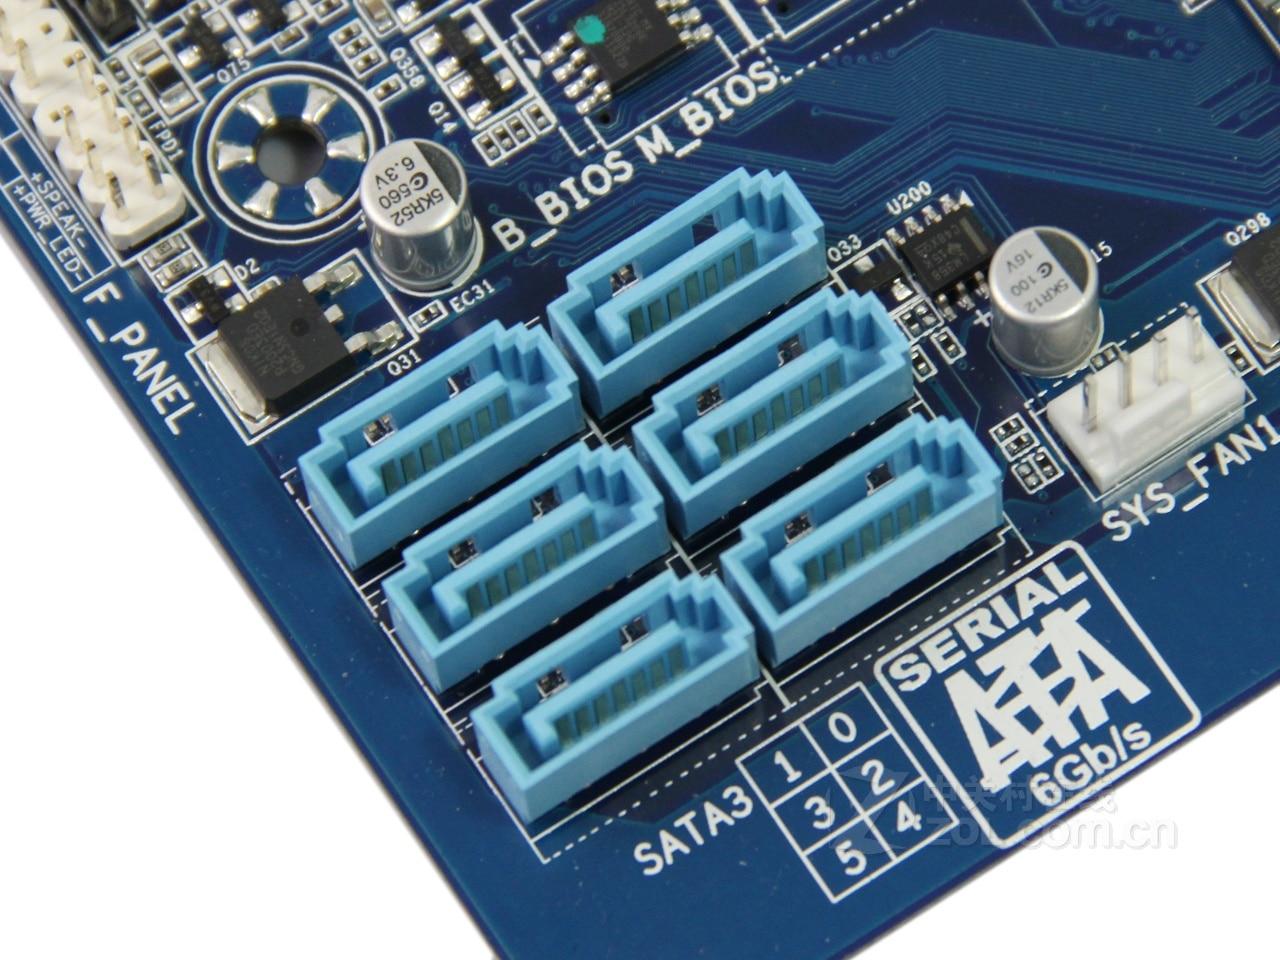 Интернет магазин товары для всей семьи HTB1KXi_XTjxK1Rjy0Fnq6yBaFXan Разъем AM3 + для AMD 970 гигабайт GA-970A-DS3 100% Оригинал материнская плата DDR3 DIMM USB3.0 32G гигабайт 970A-DS3 Desktop SATA III